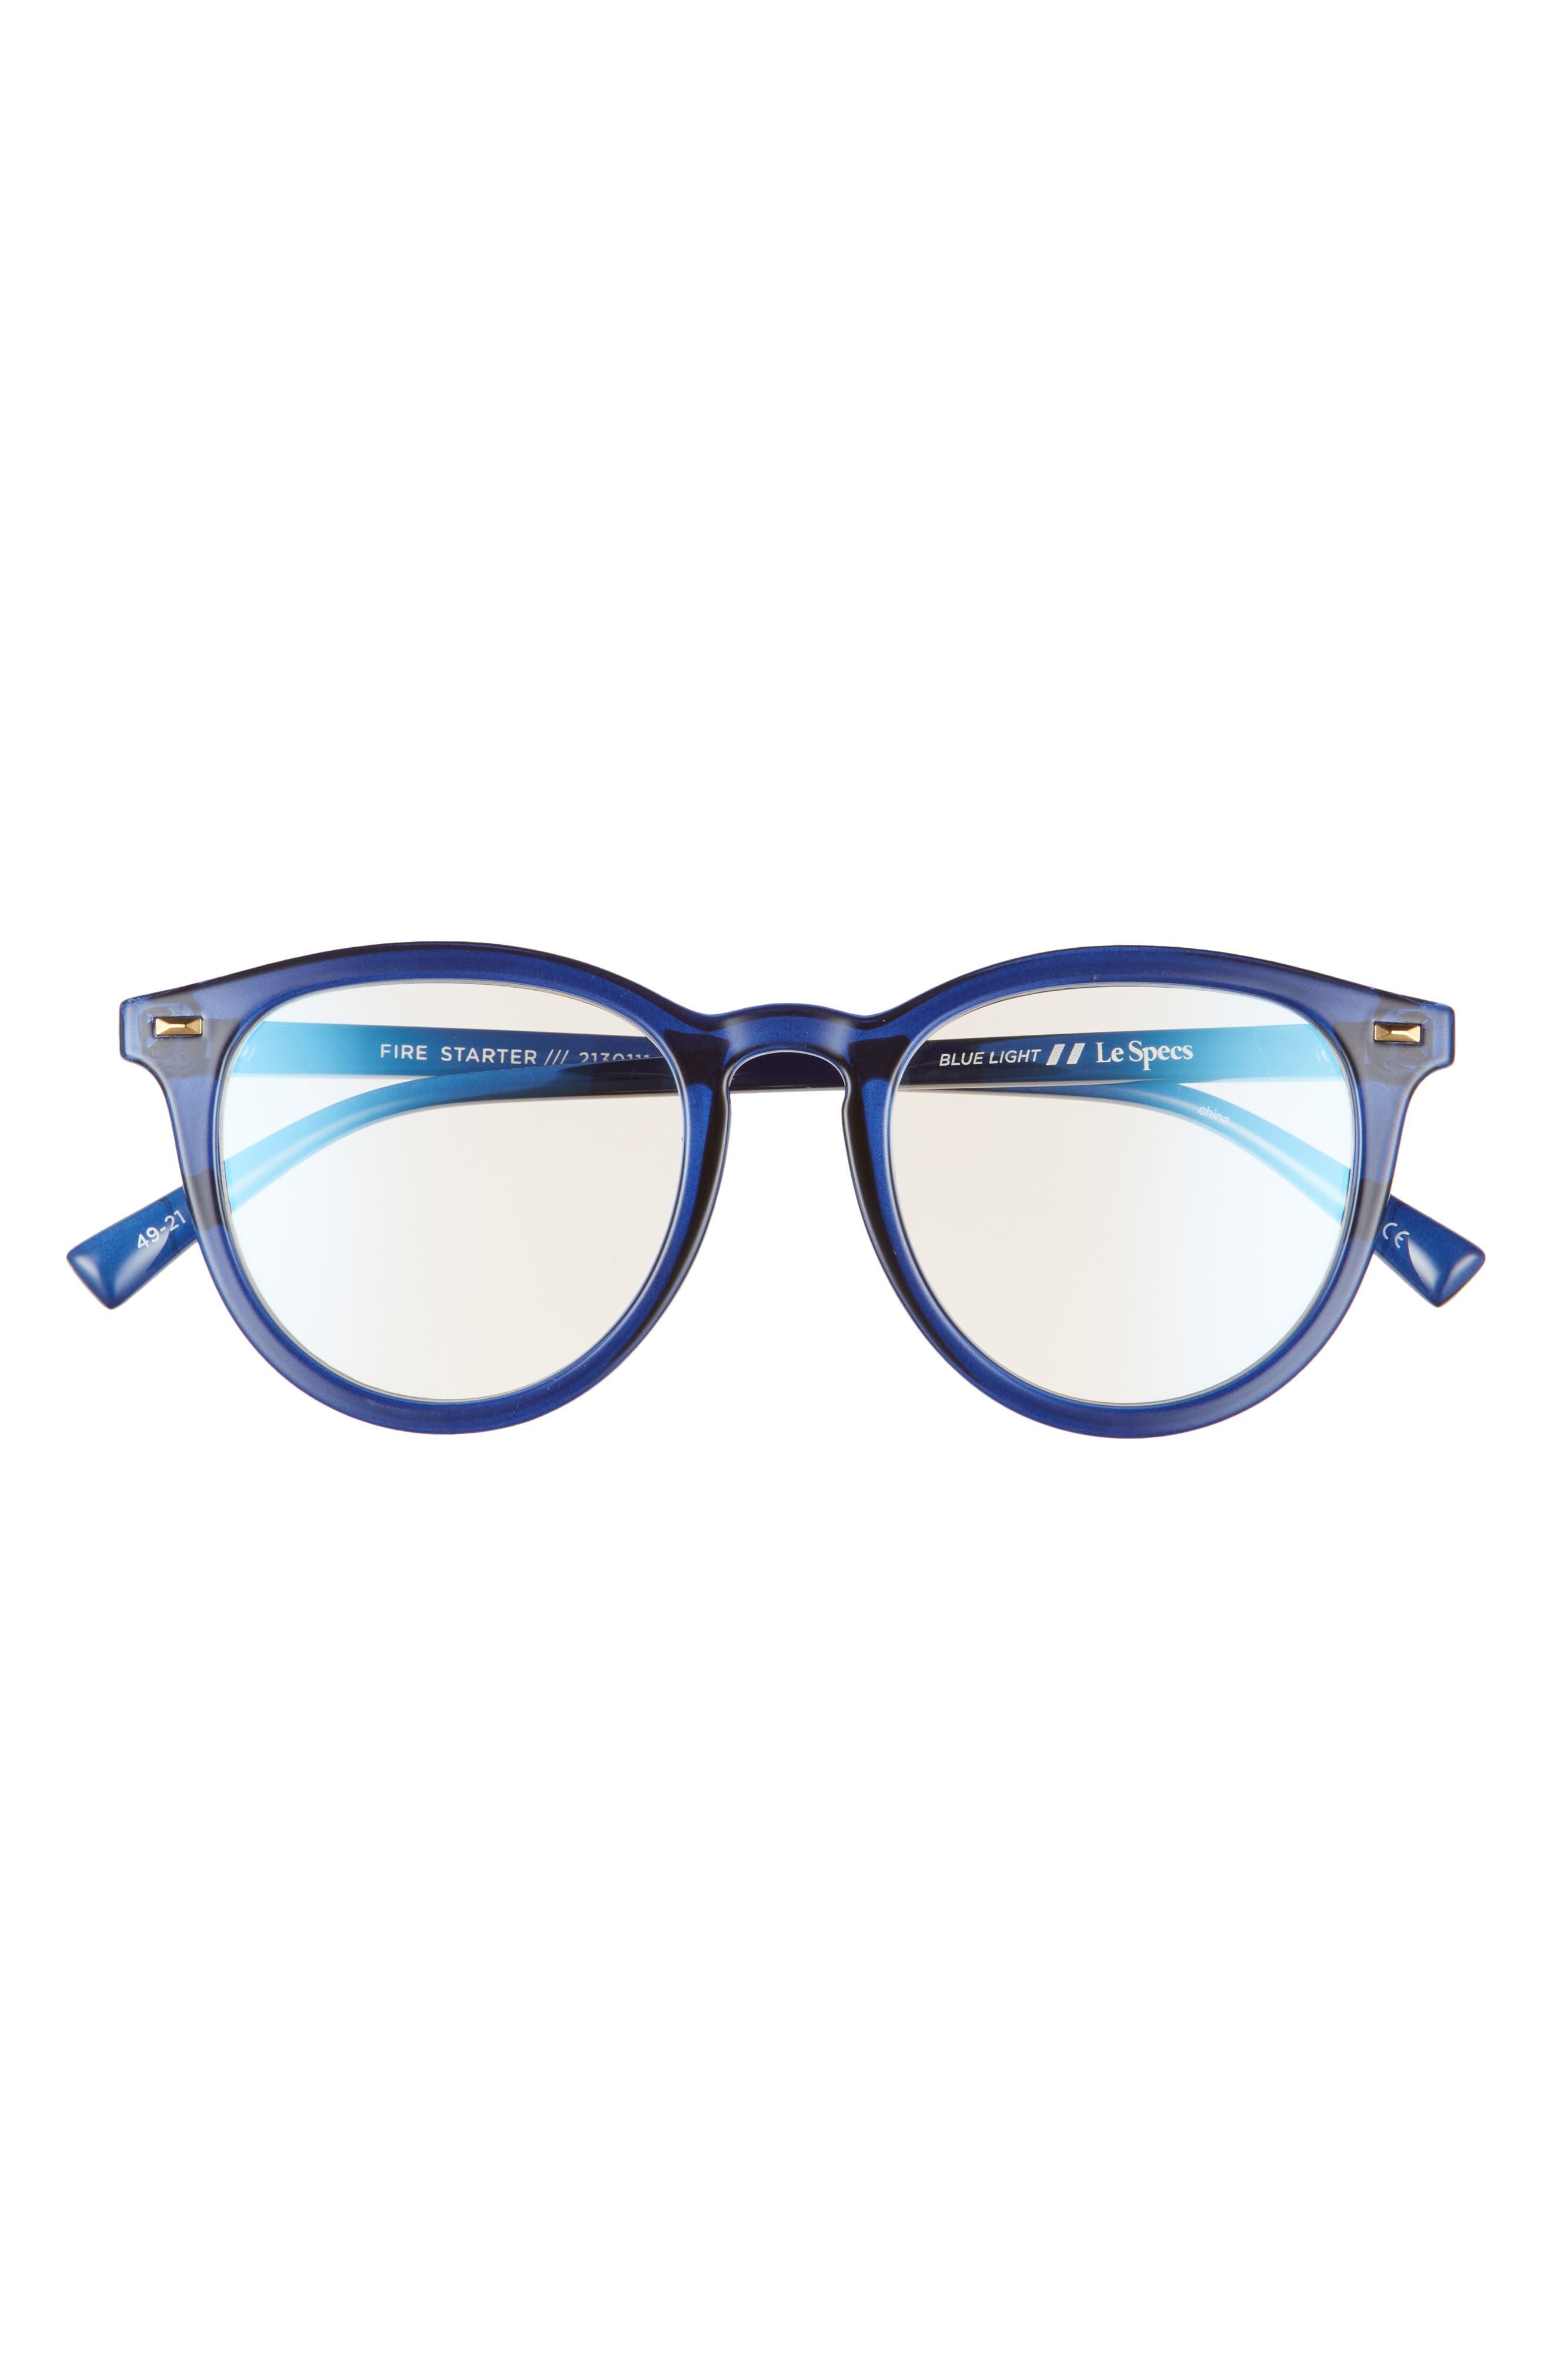 Fire Starter 45mm Small Blue Light Blocking Glasses